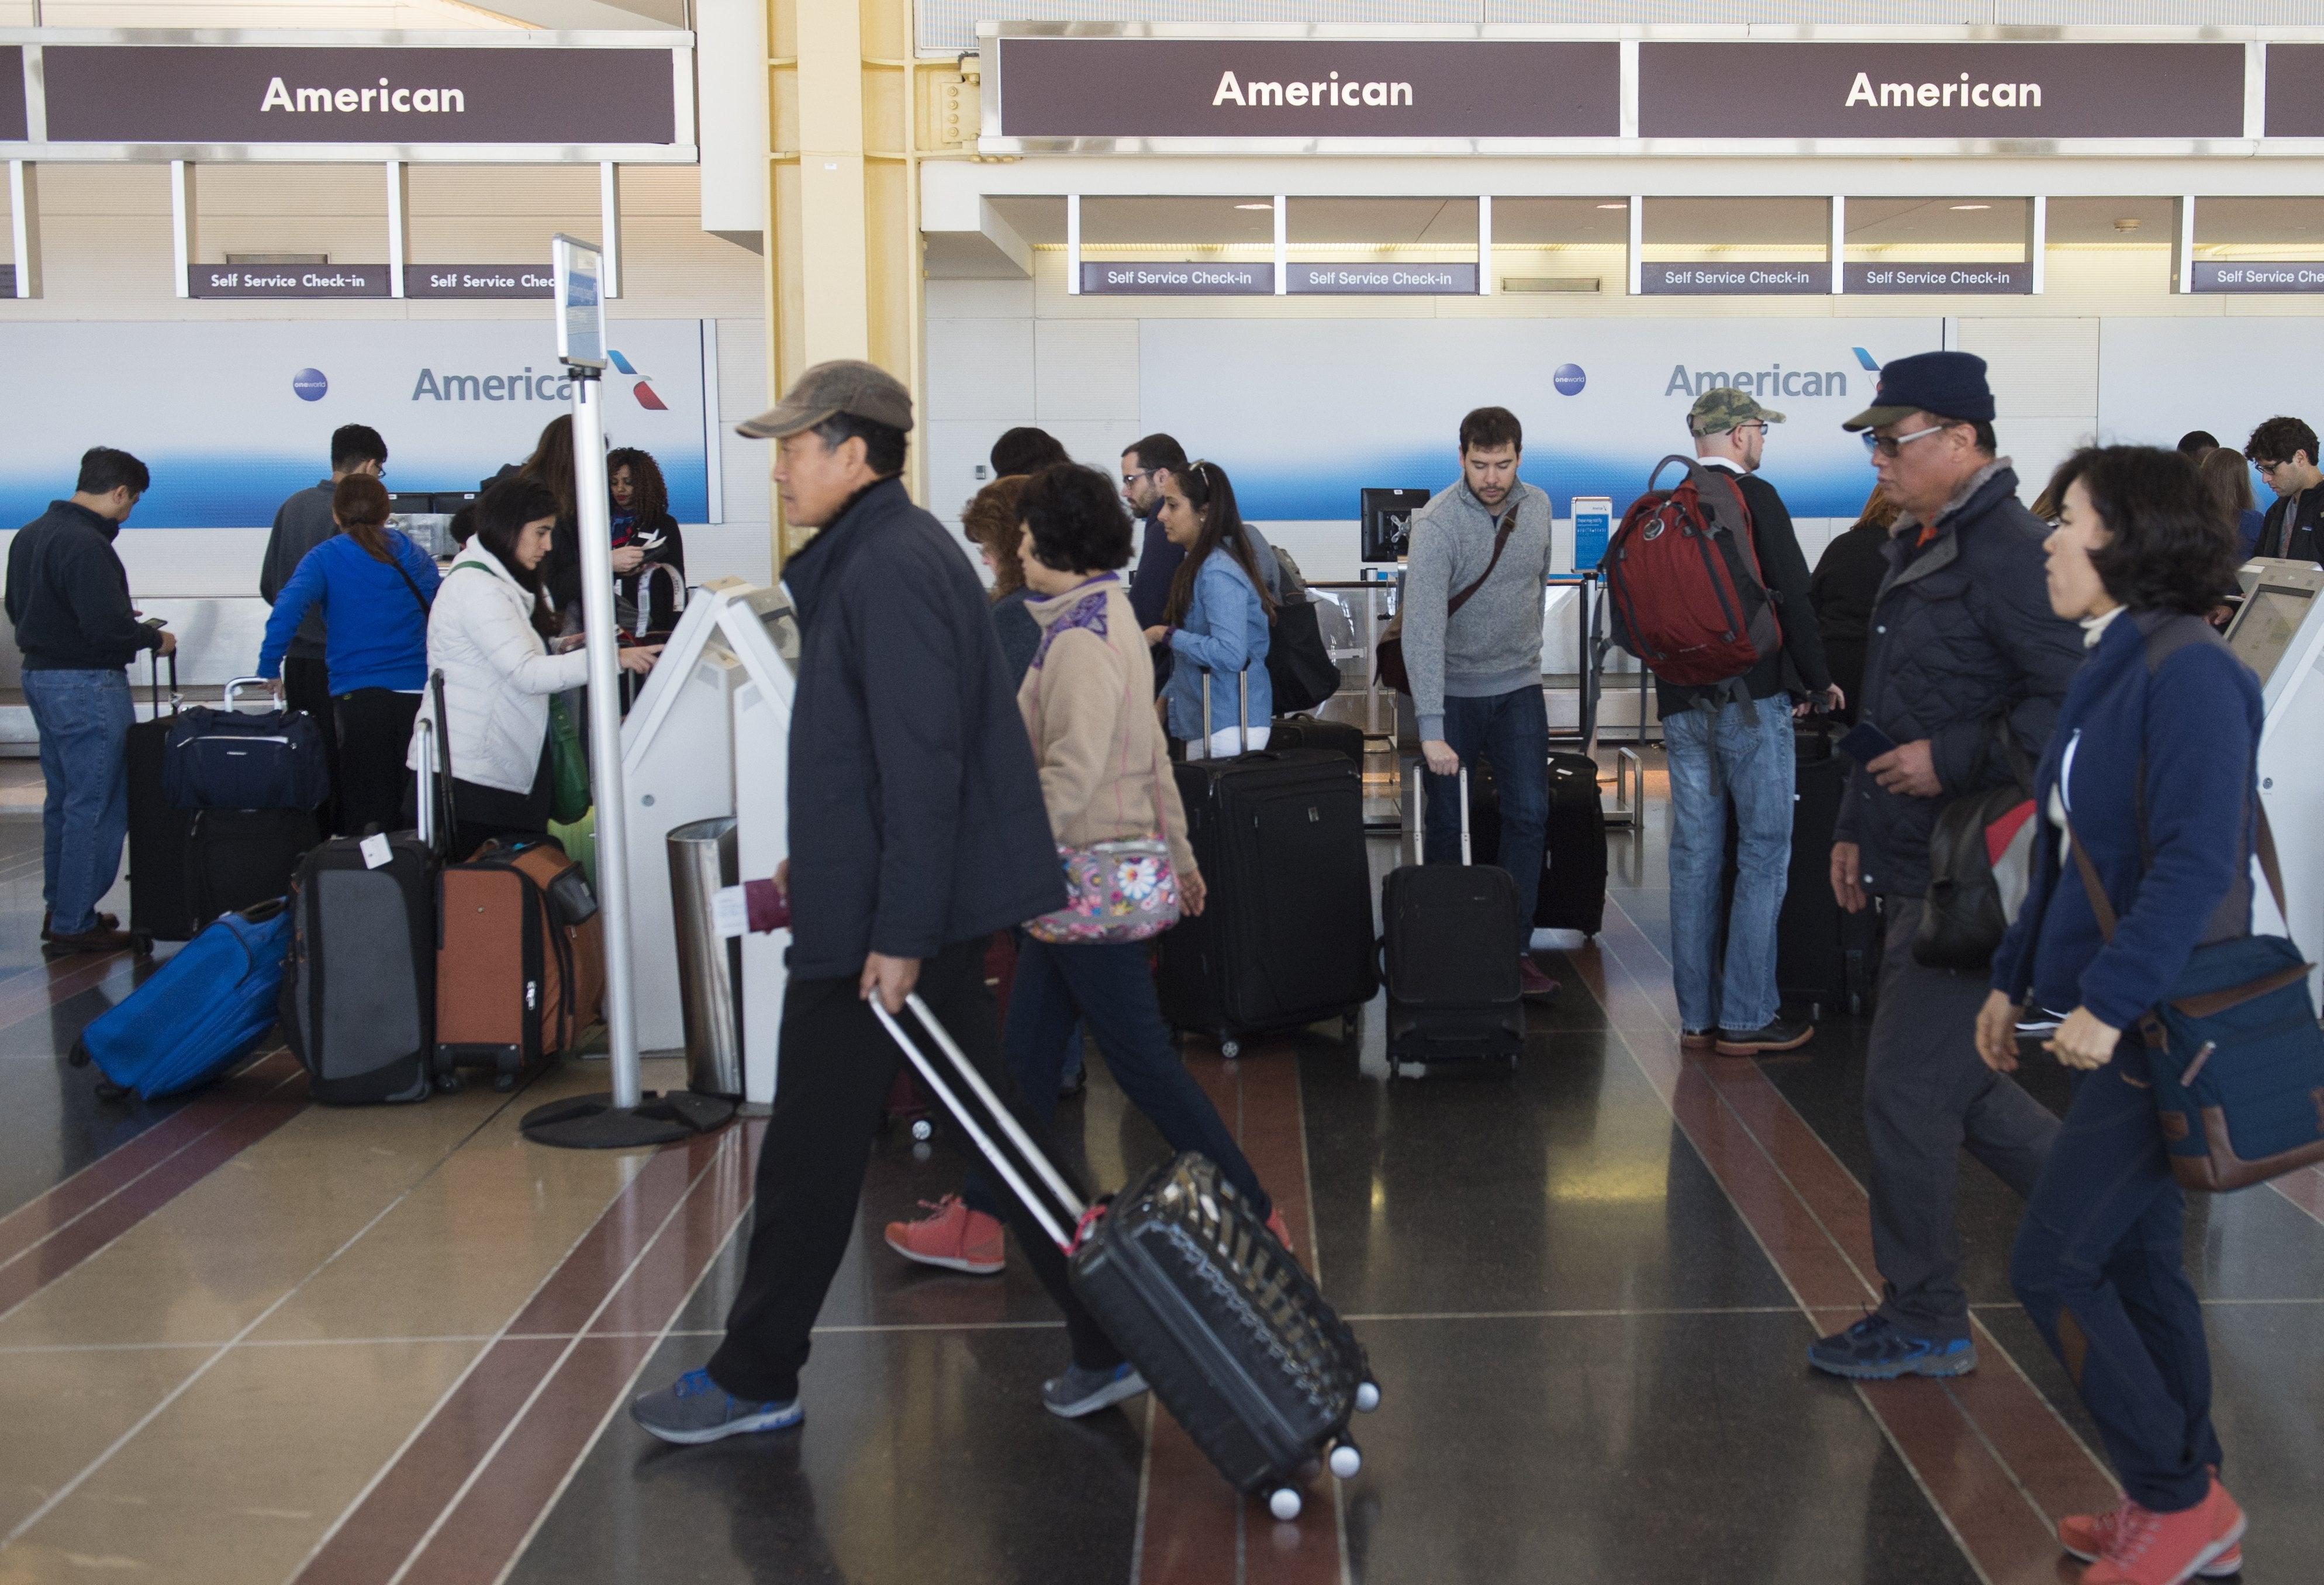 LeggingsGate: Comparison of Airline Non-Rev Dress Codes